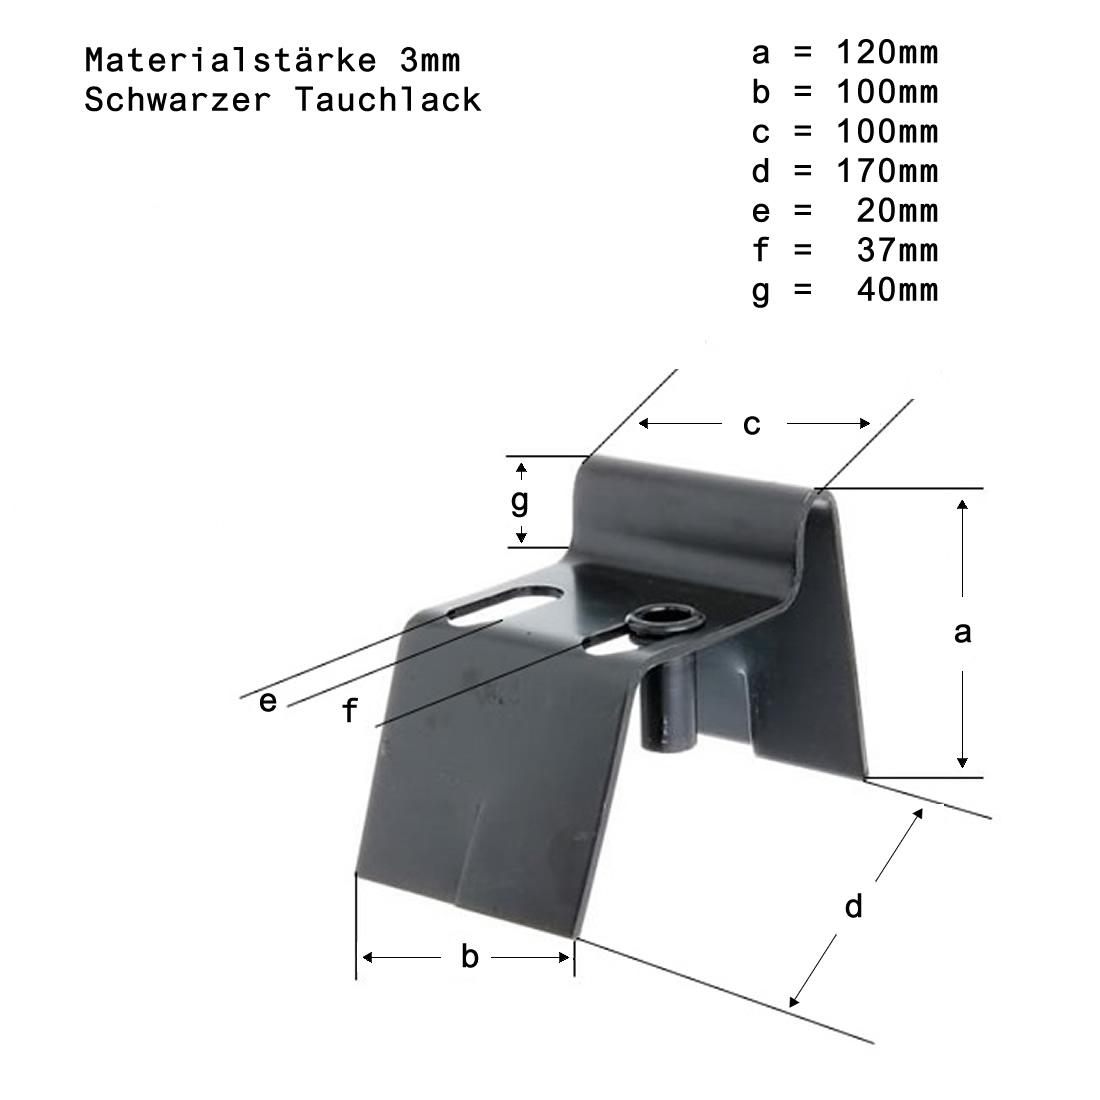 bodenanschlag b 100mm schwarzer tauchlack zum einbetonieren 100716 fl geltore ebay. Black Bedroom Furniture Sets. Home Design Ideas